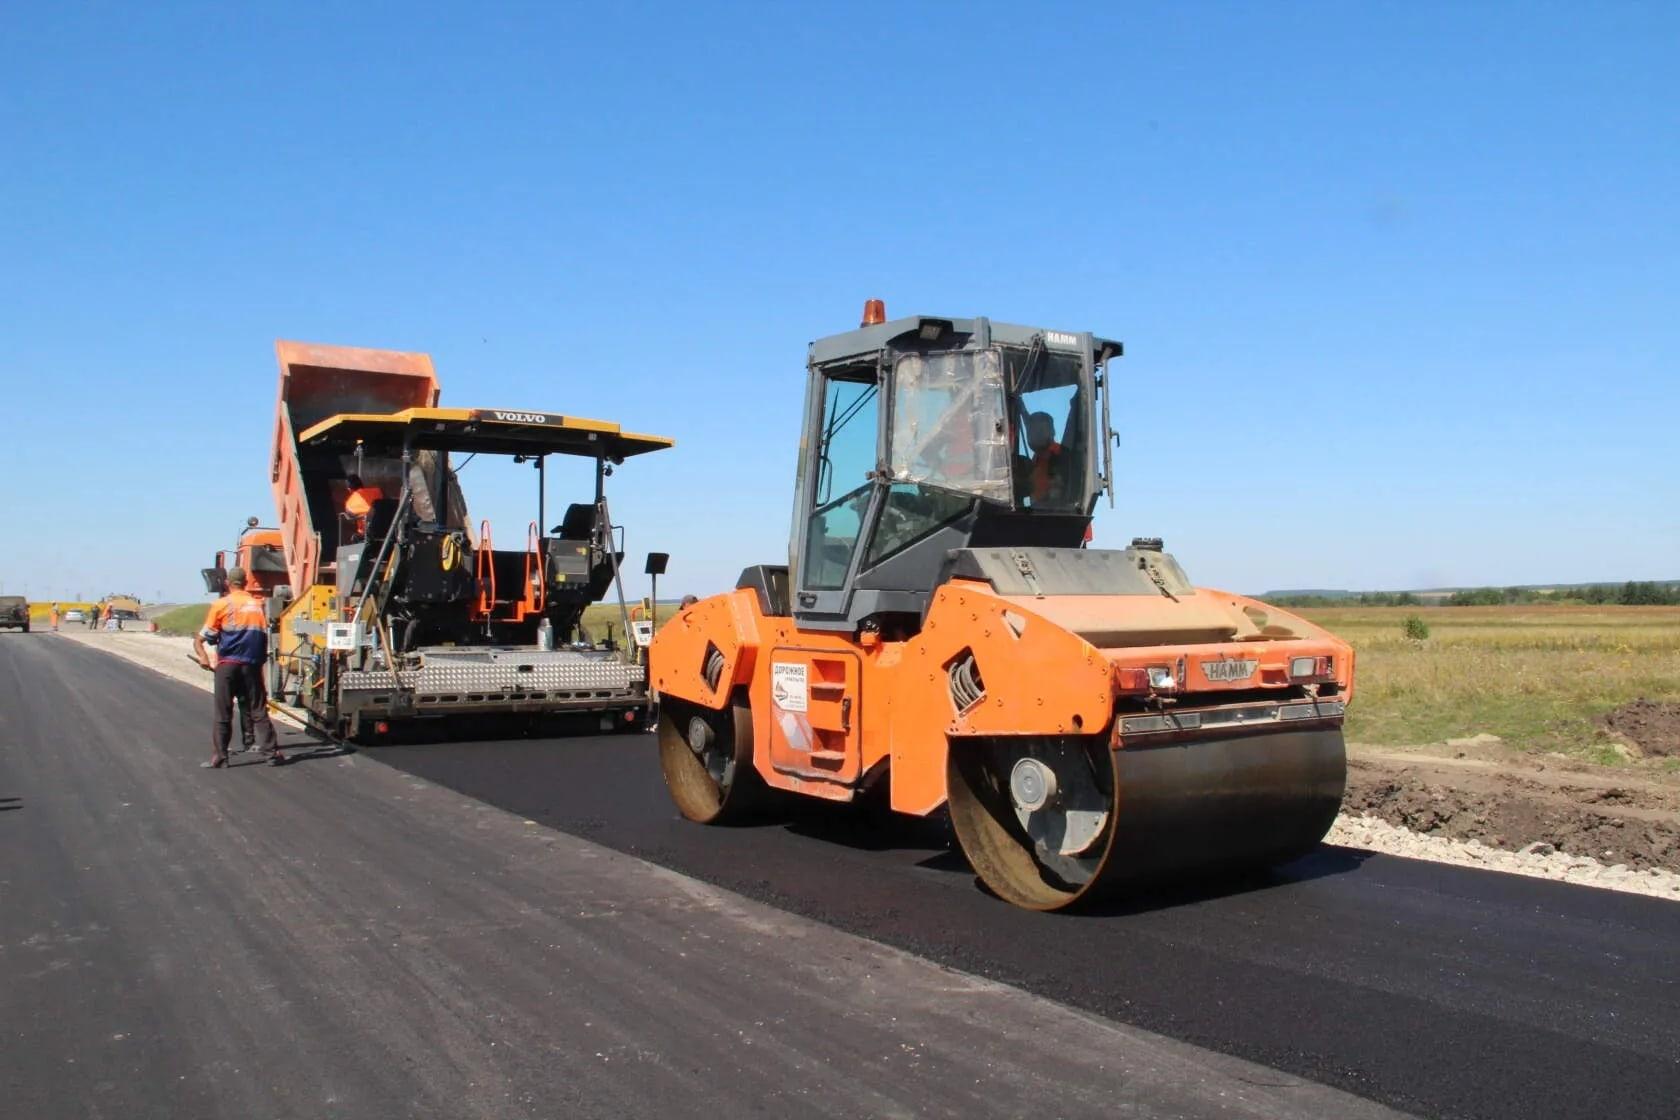 Районы получат дополнительный миллиард рублей на ремонт и содержание дорог. Об этом сообщил председатель Саратовской областной Думы Александр Романов